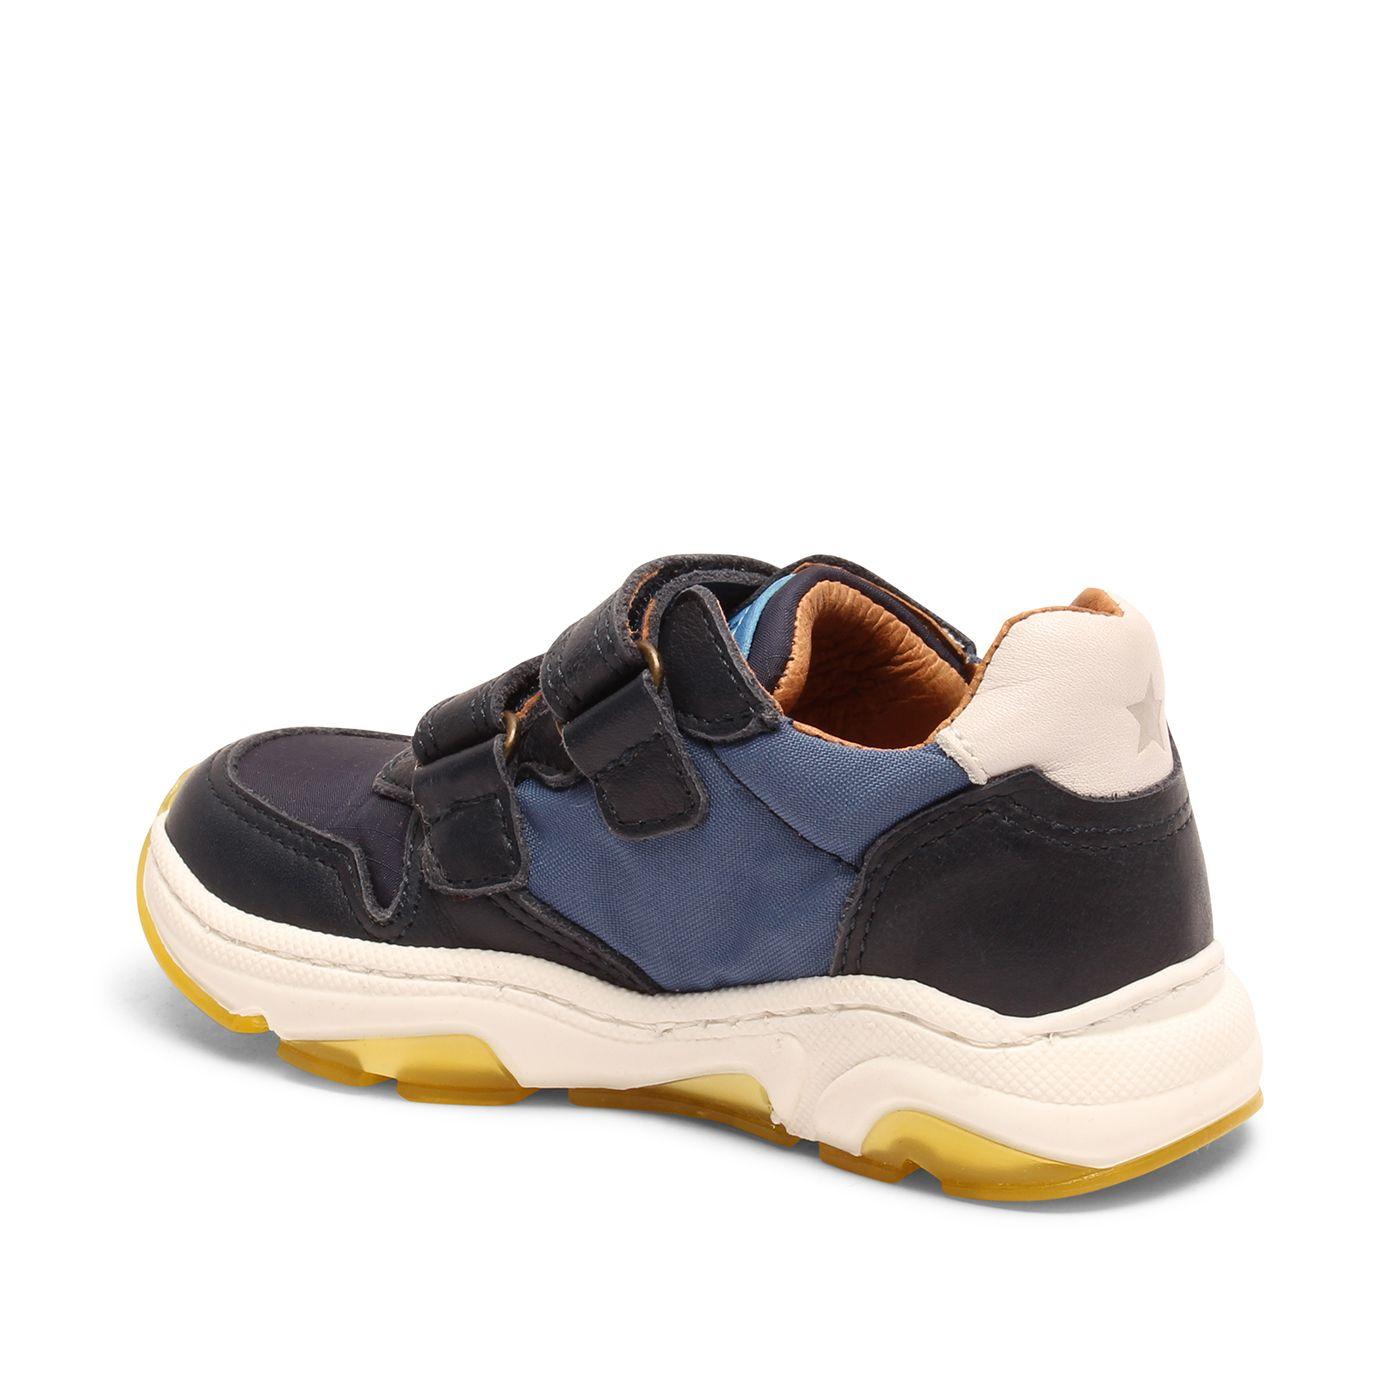 Bisgaard Ray sneakers, navy, 27